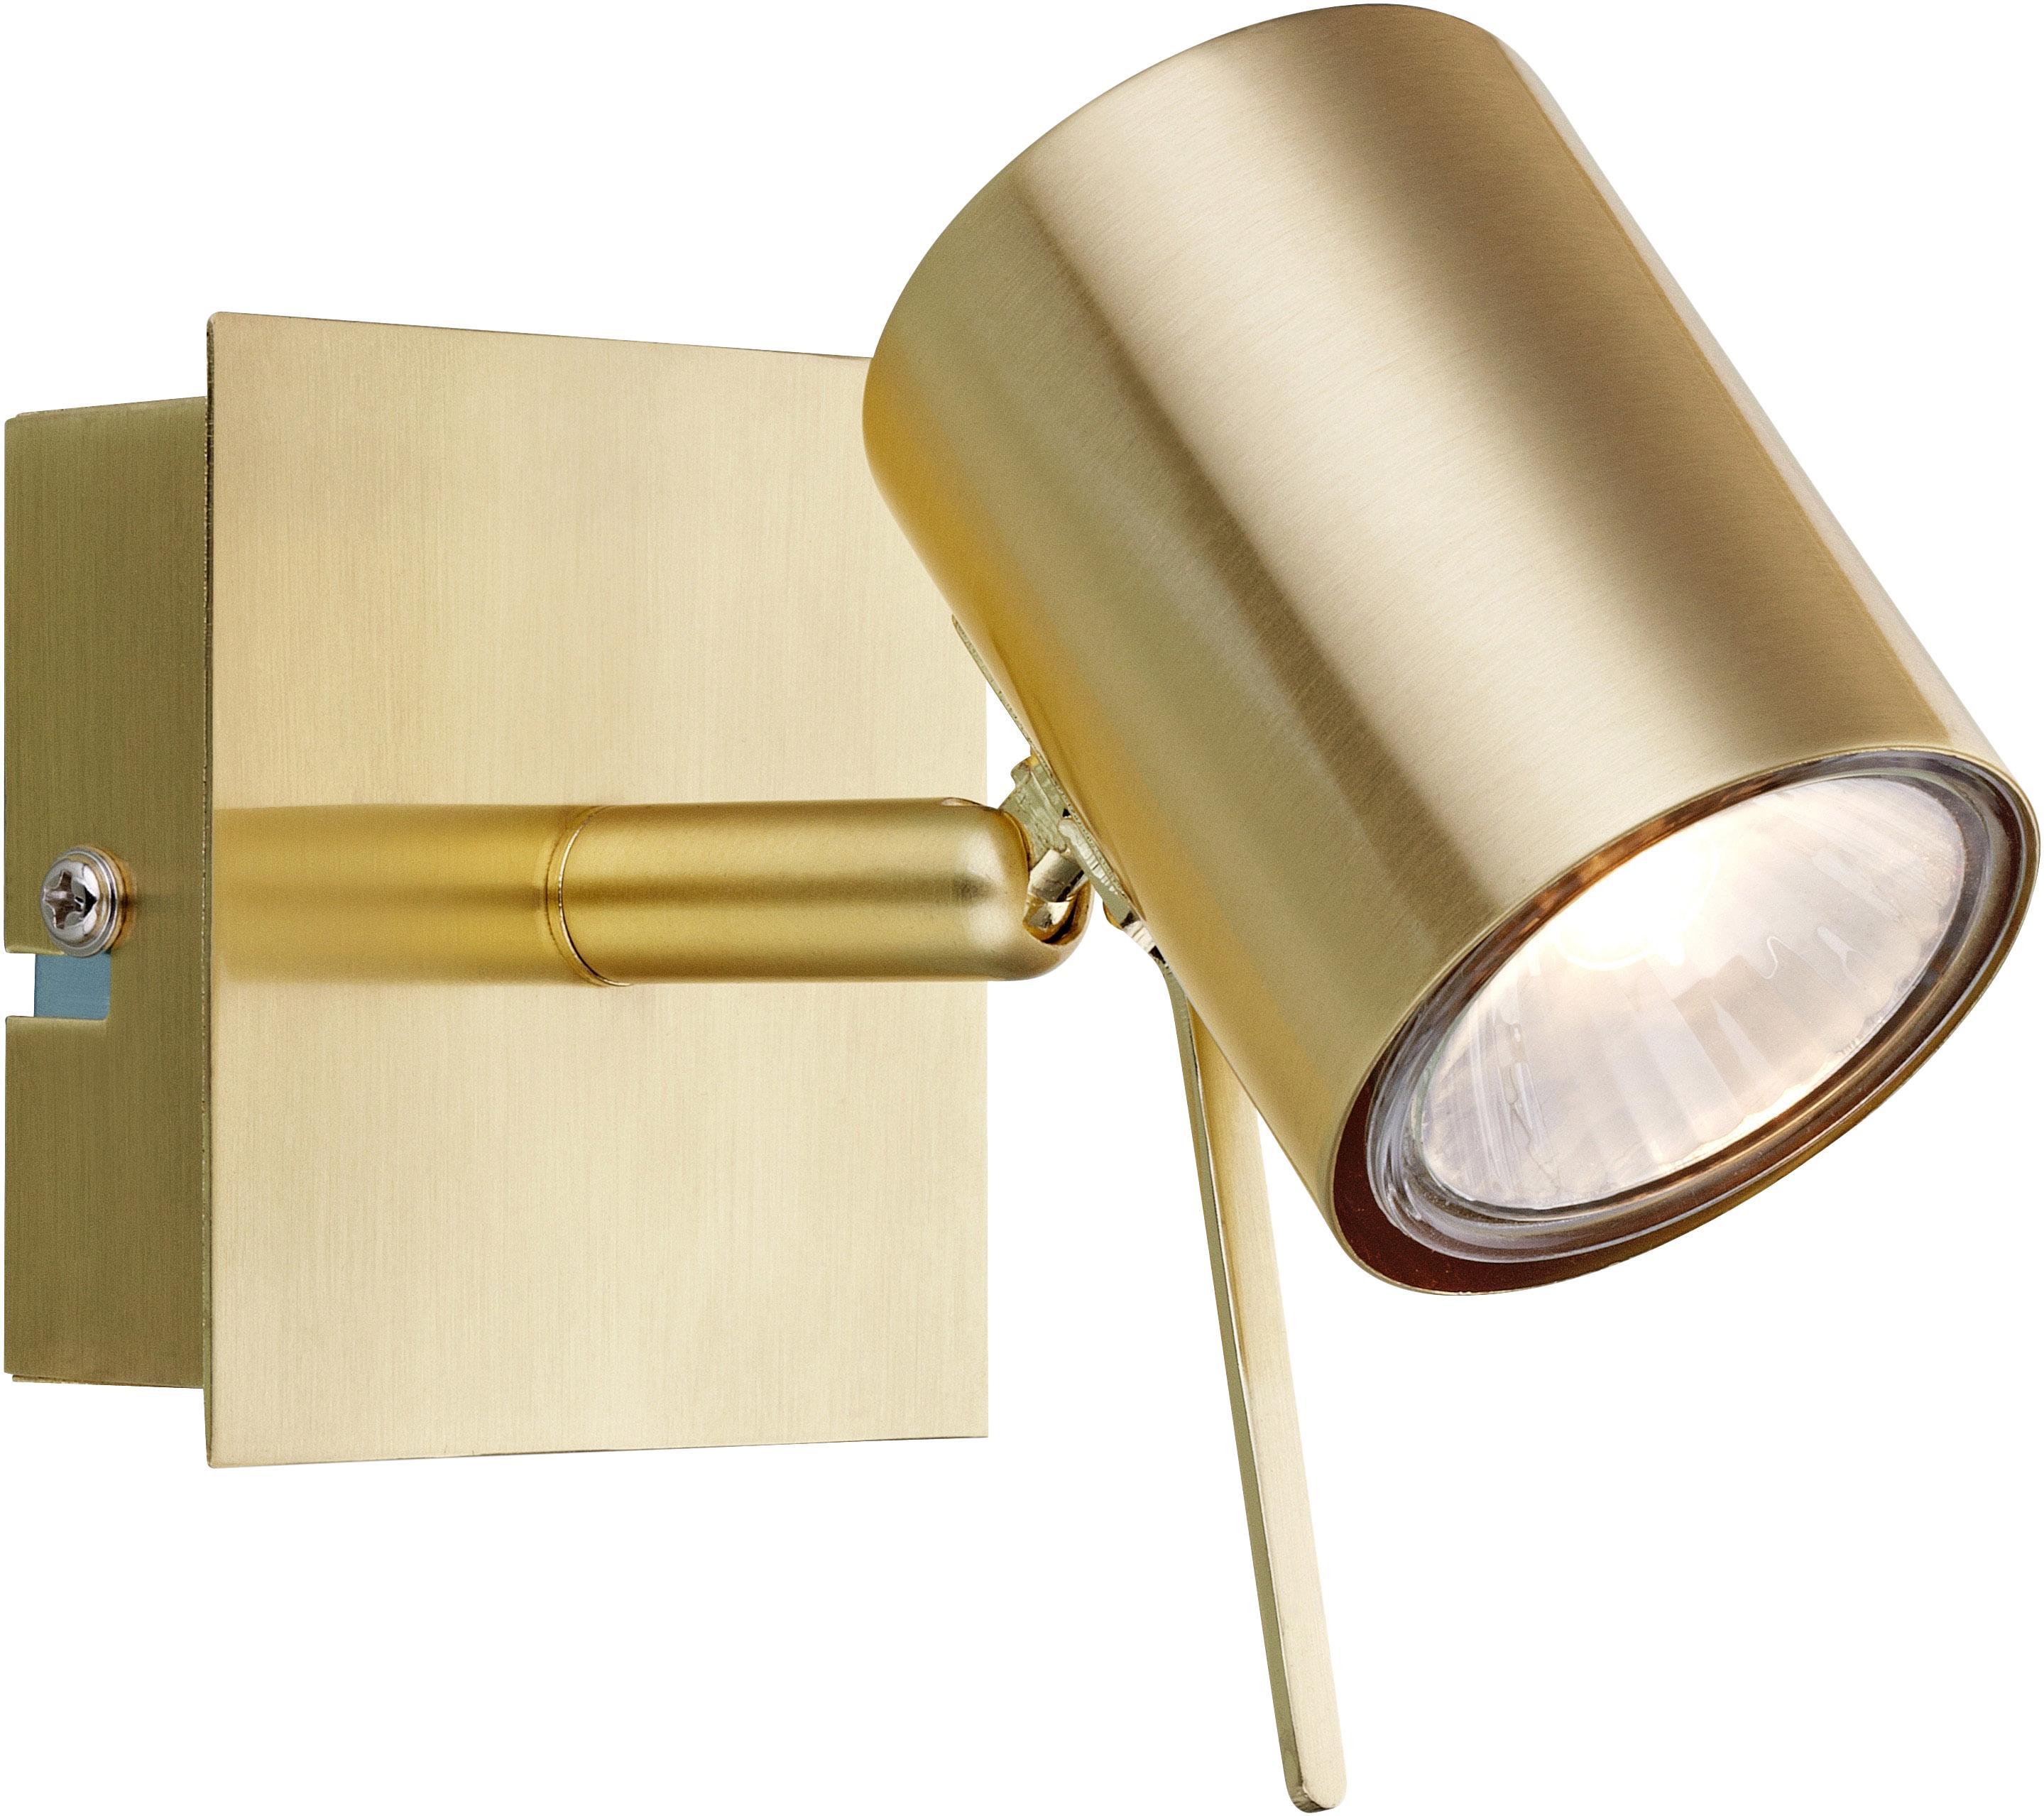 Applique a LED con spina Hyssna, Metallo ottonato, spazzolato, Ottone, Larg. 8 x Alt. 9 cm